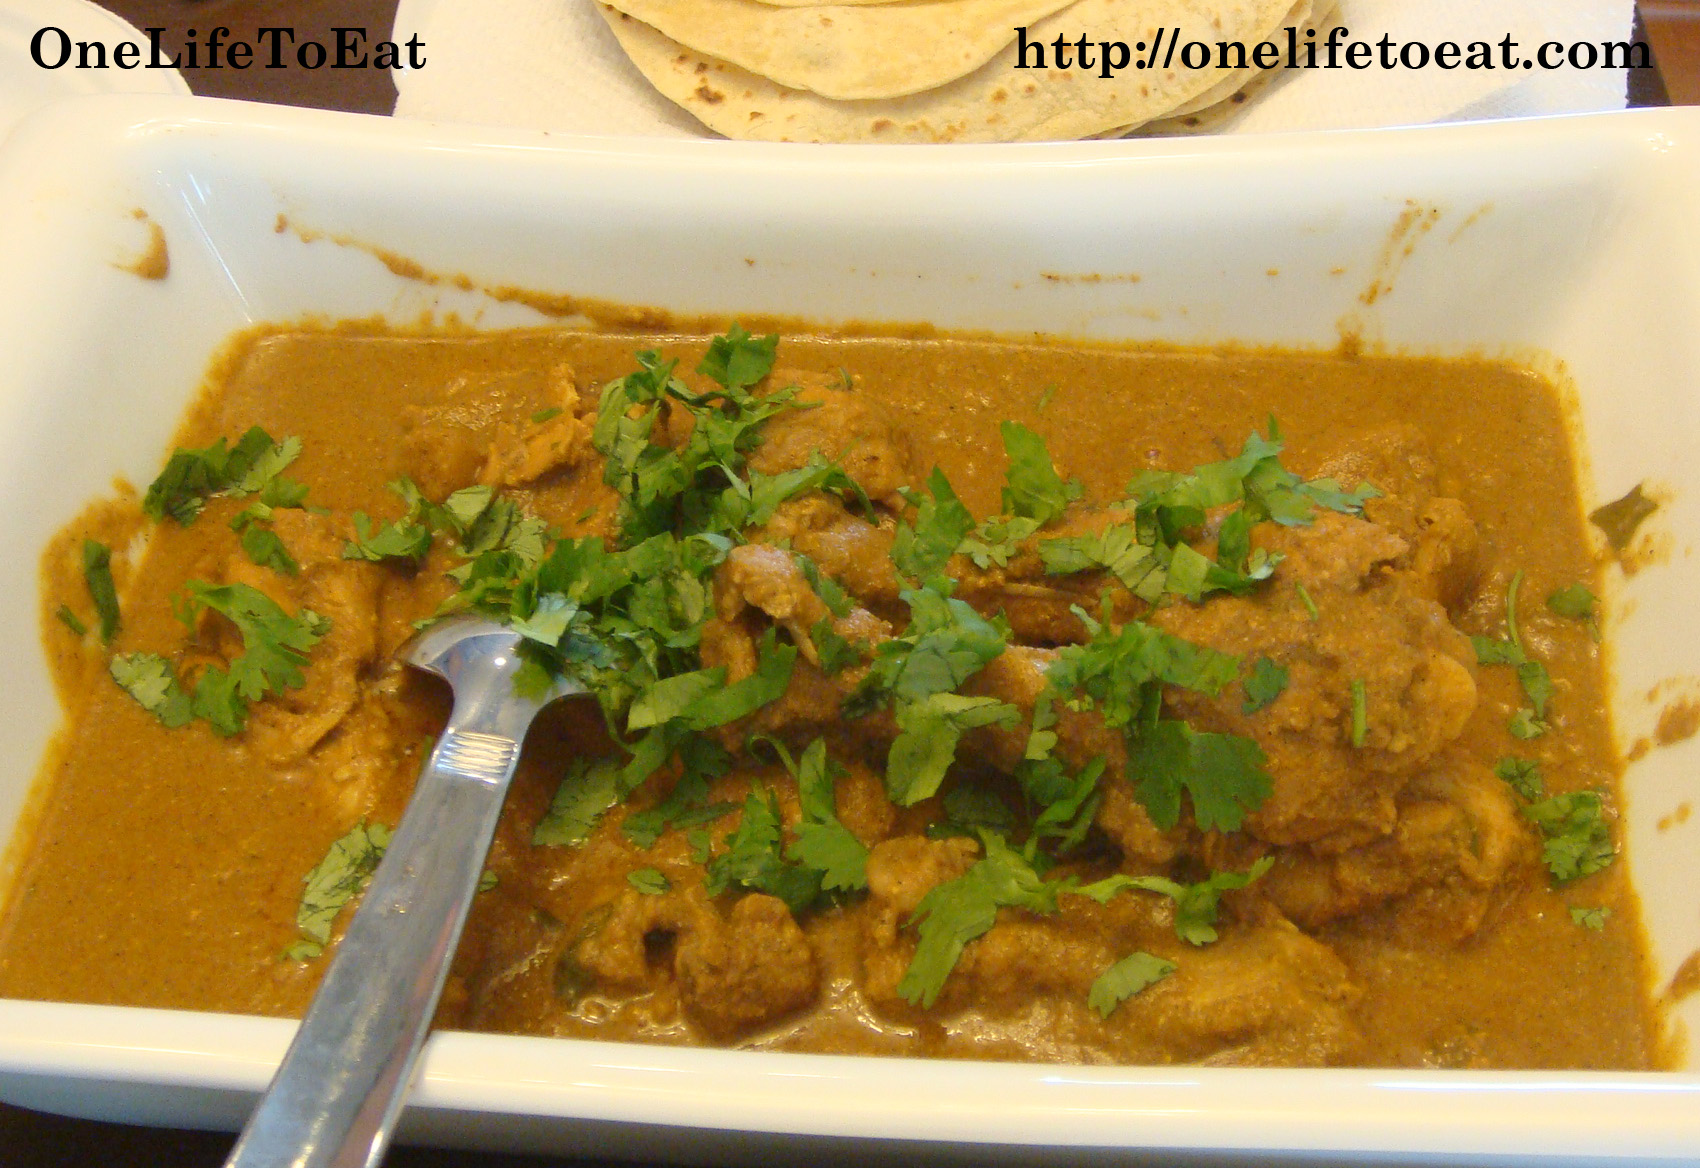 ... garlic 2 cloves crushed chicken drumsticks 8 800g weight raw chicken